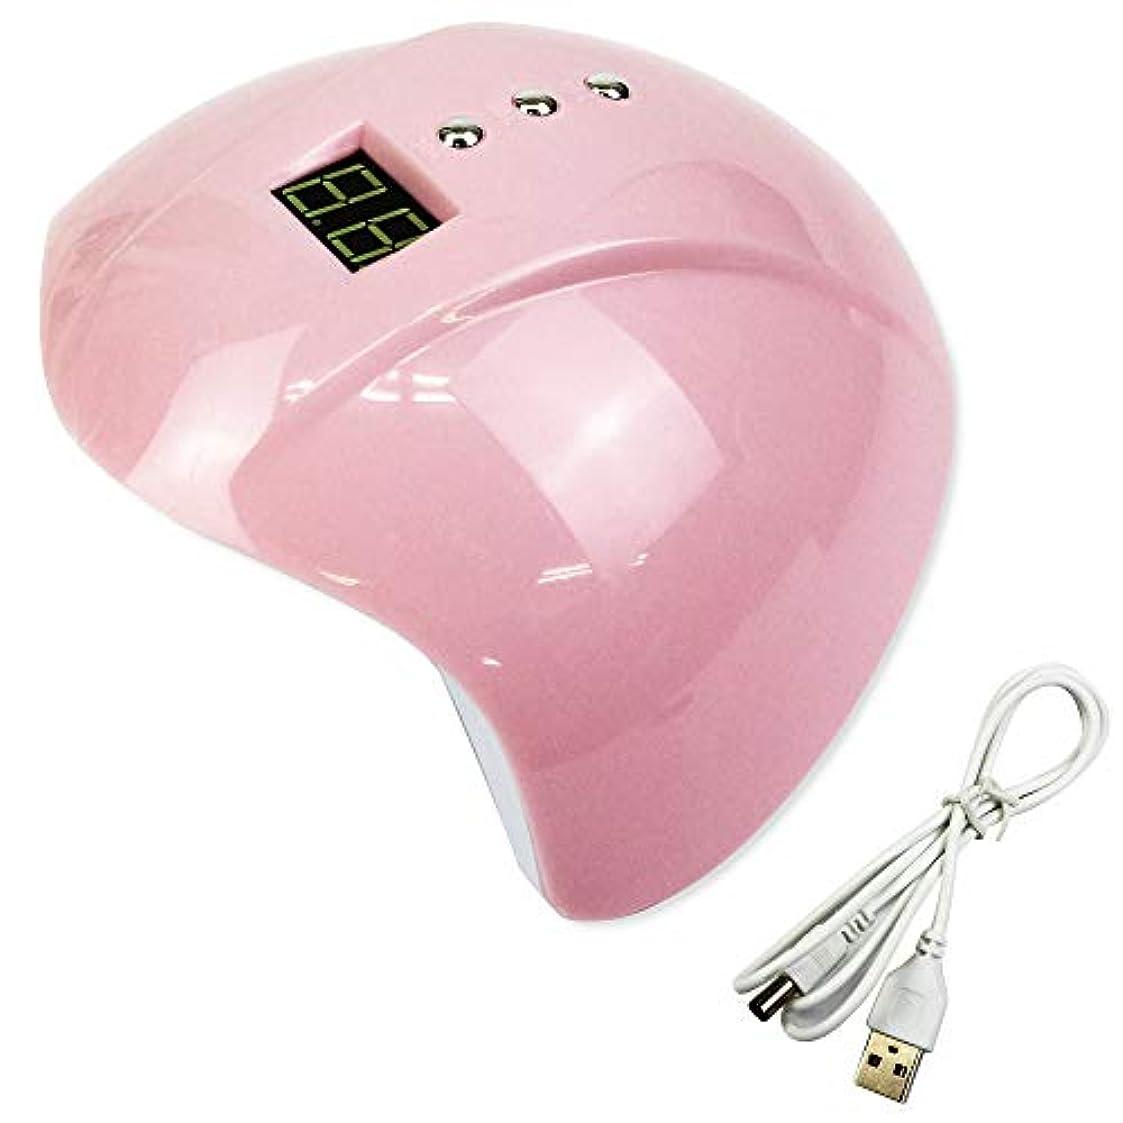 犠牲同種の入学するMUGEN ネイル LEDライト 硬化 ネイルドライヤー ジェルネイル UVライト 3段階タイマー ネイル道具 (ピンク)